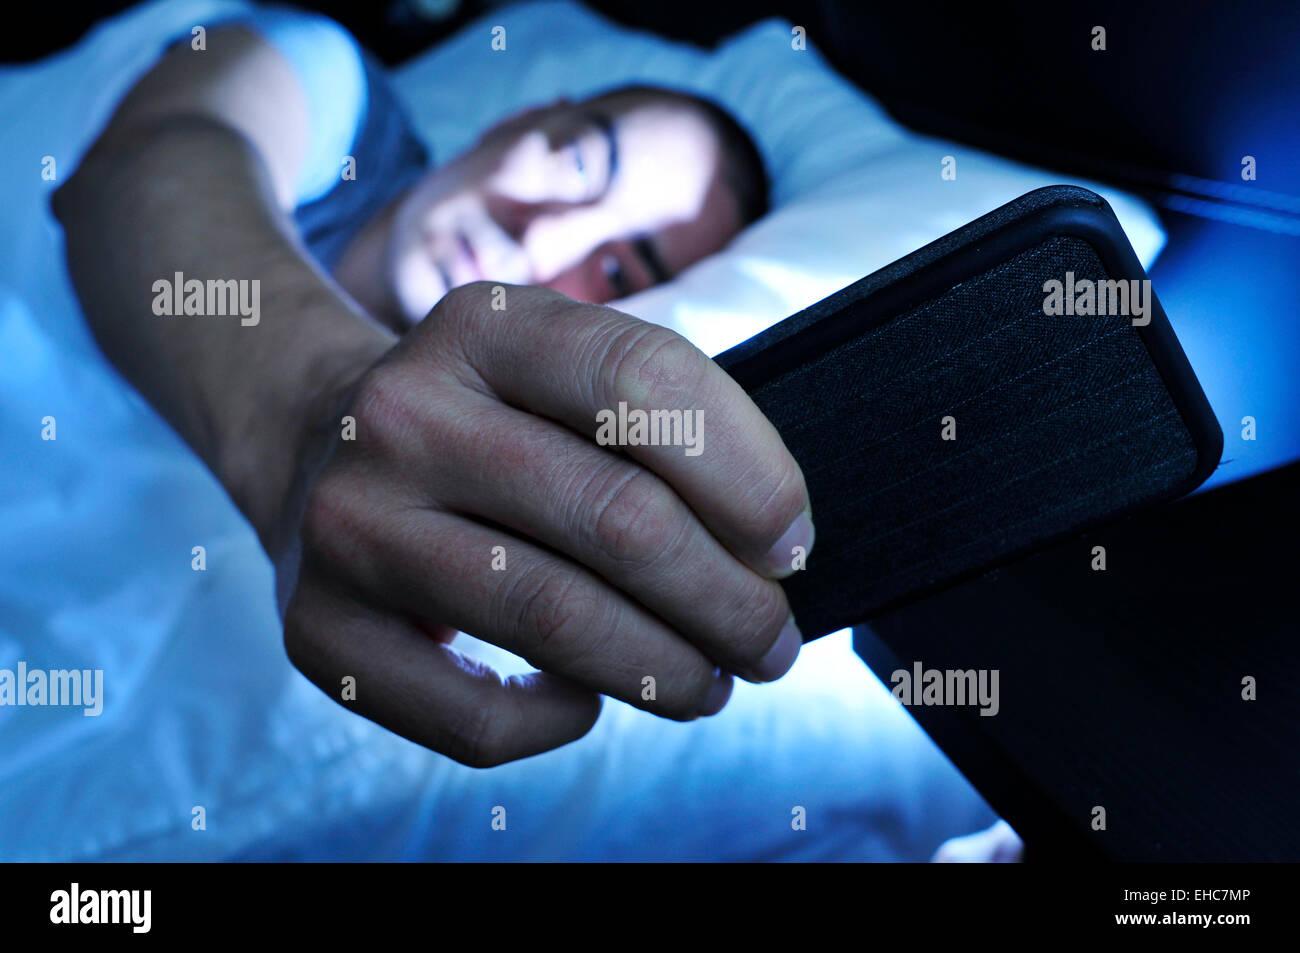 Primer plano de un joven en la cama mirando el smartphone en la noche Imagen De Stock